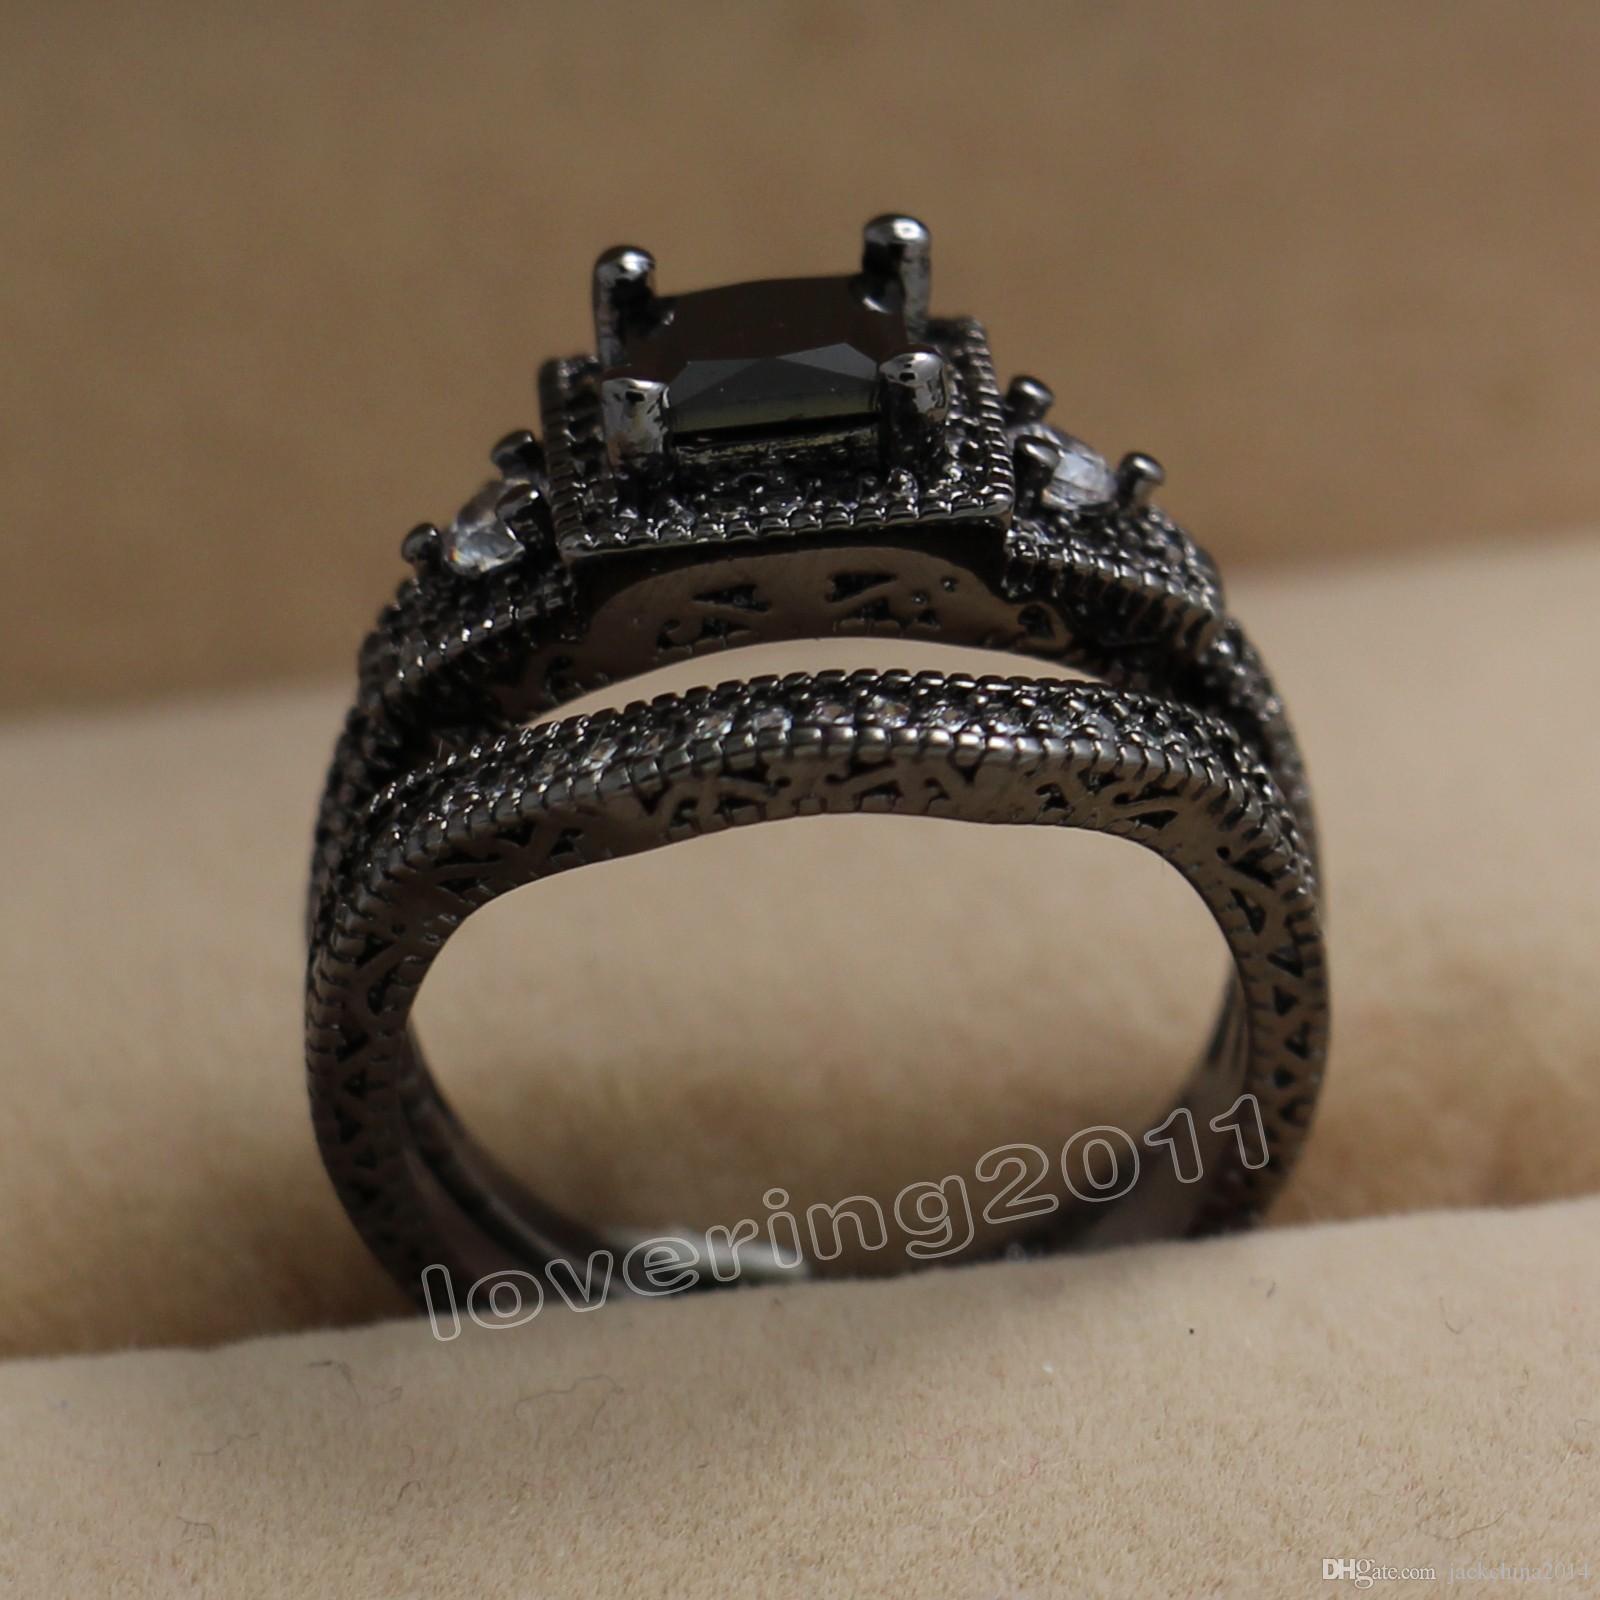 حجم 5-10 شحن مجاني ريترو مجوهرات 10kt الذهب الأسود معبأ توباز جوهرة المرأة الزفاف محاكاة الماس خاتم الزواج مجموعة هدية